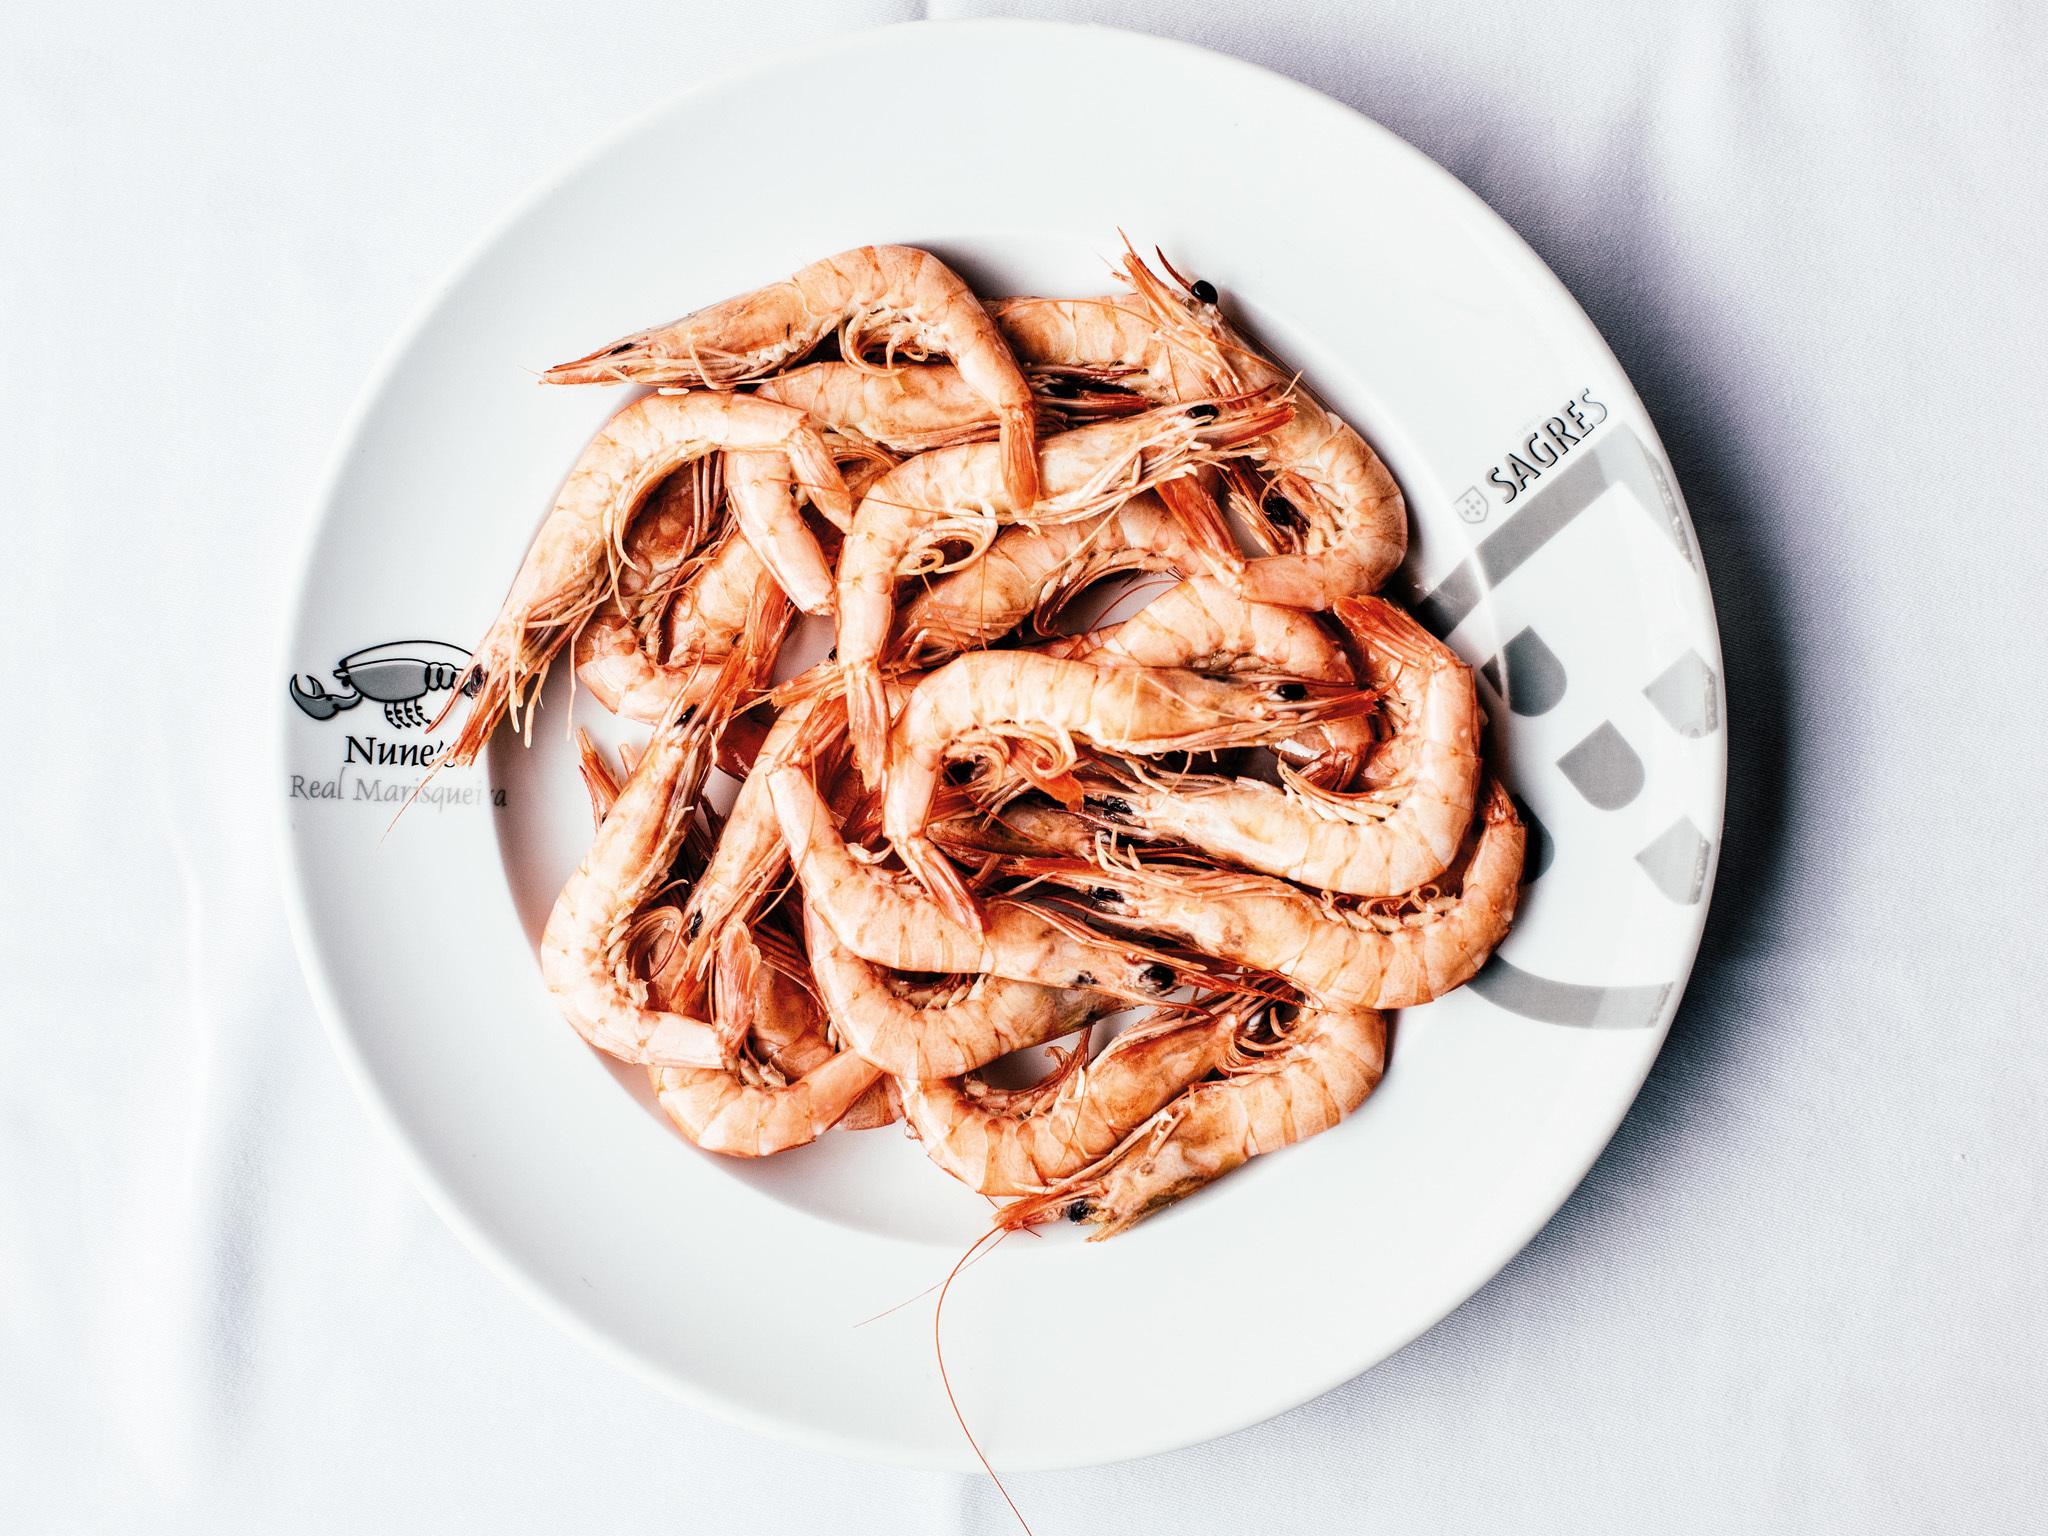 Restaurante Nunes Real Marisqueira - Gambas